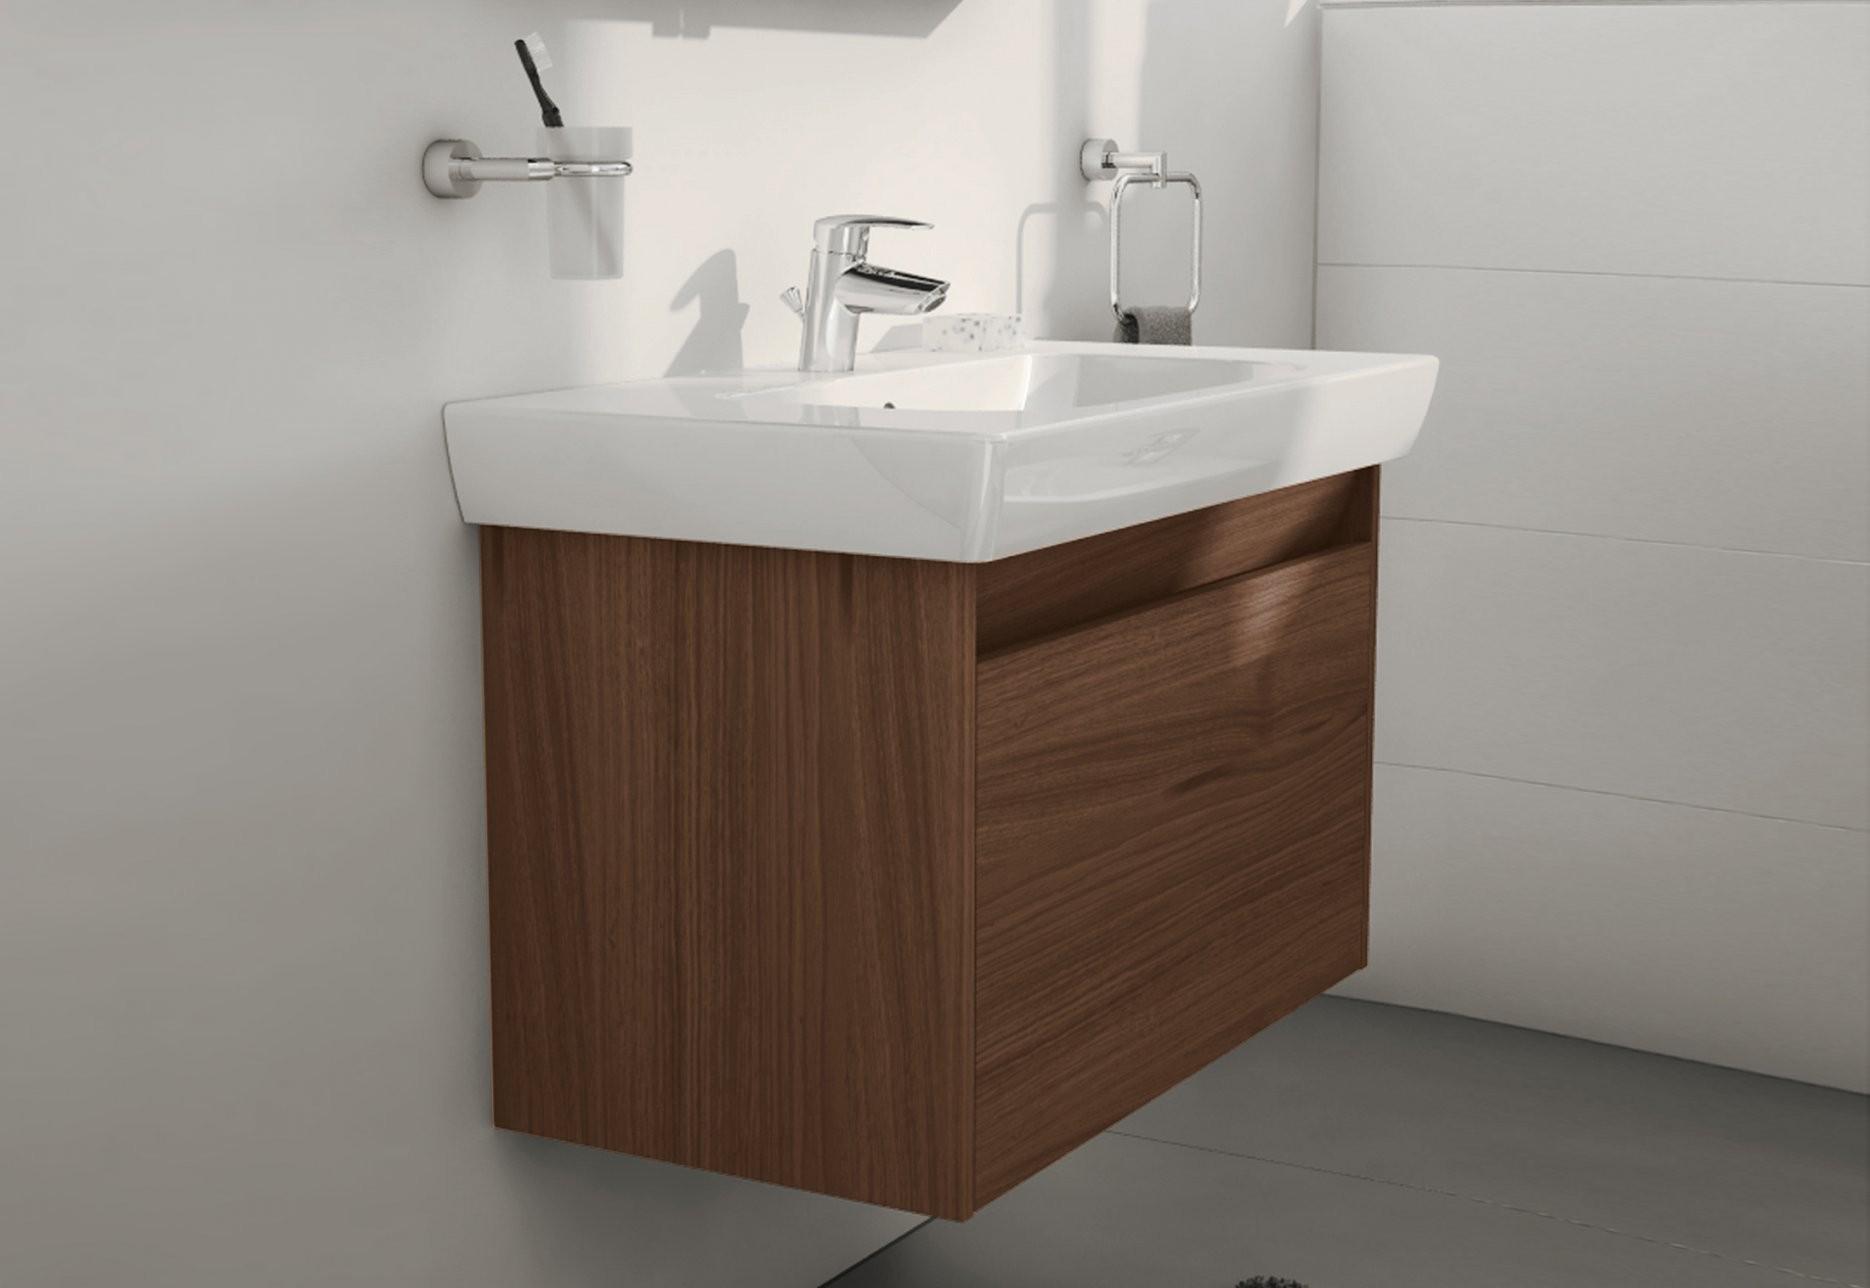 S20 Waschtisch Unterschrank Von Vitra Bathroom  Stylepark von Waschbecken Klein Mit Unterschrank Bild